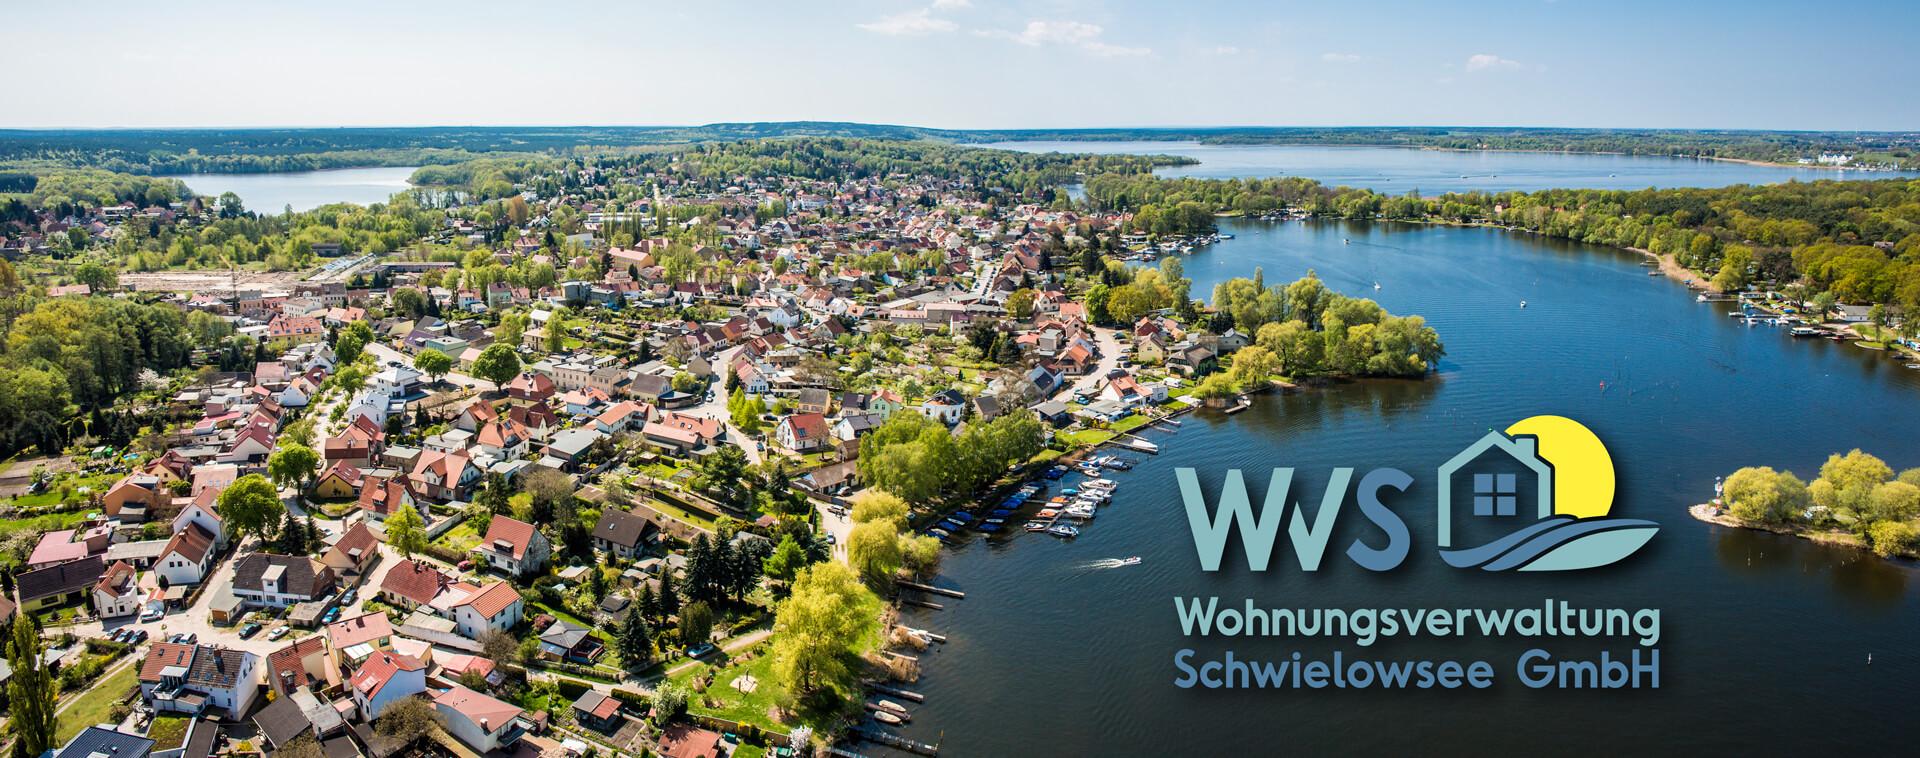 WVS Wohnungsverwaltung Schwielowsee GmbH